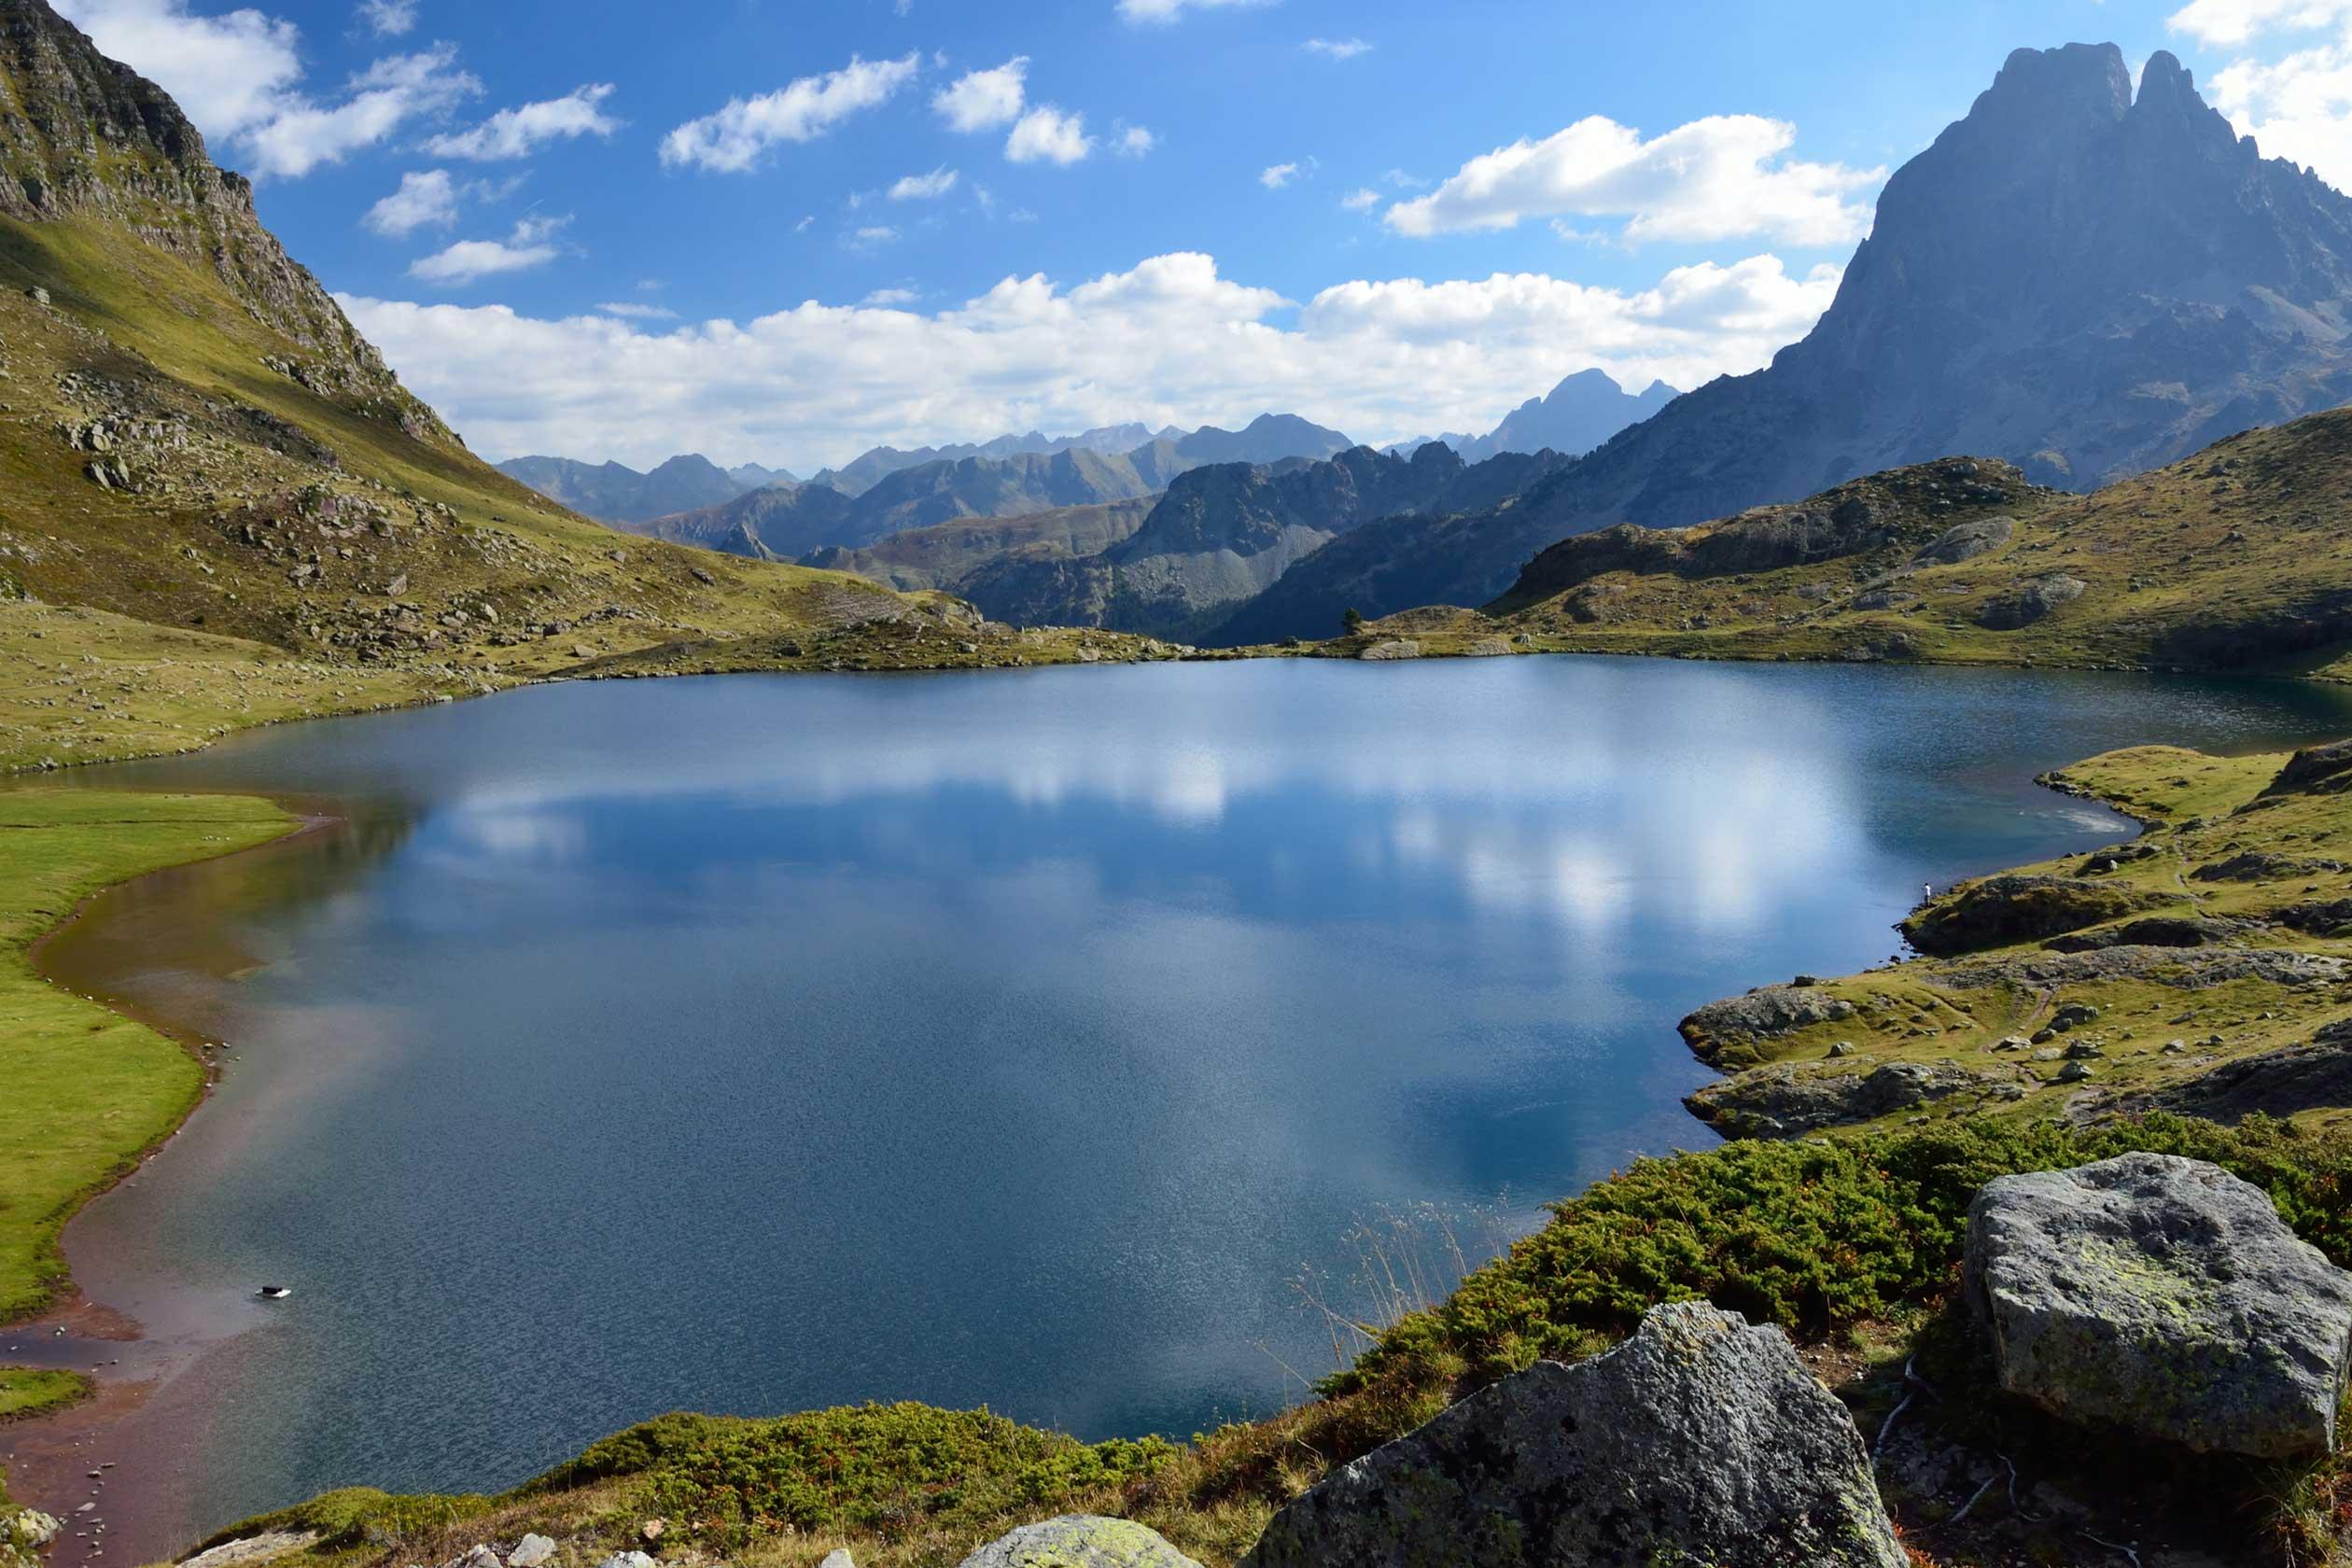 lac de montagne pyrénées